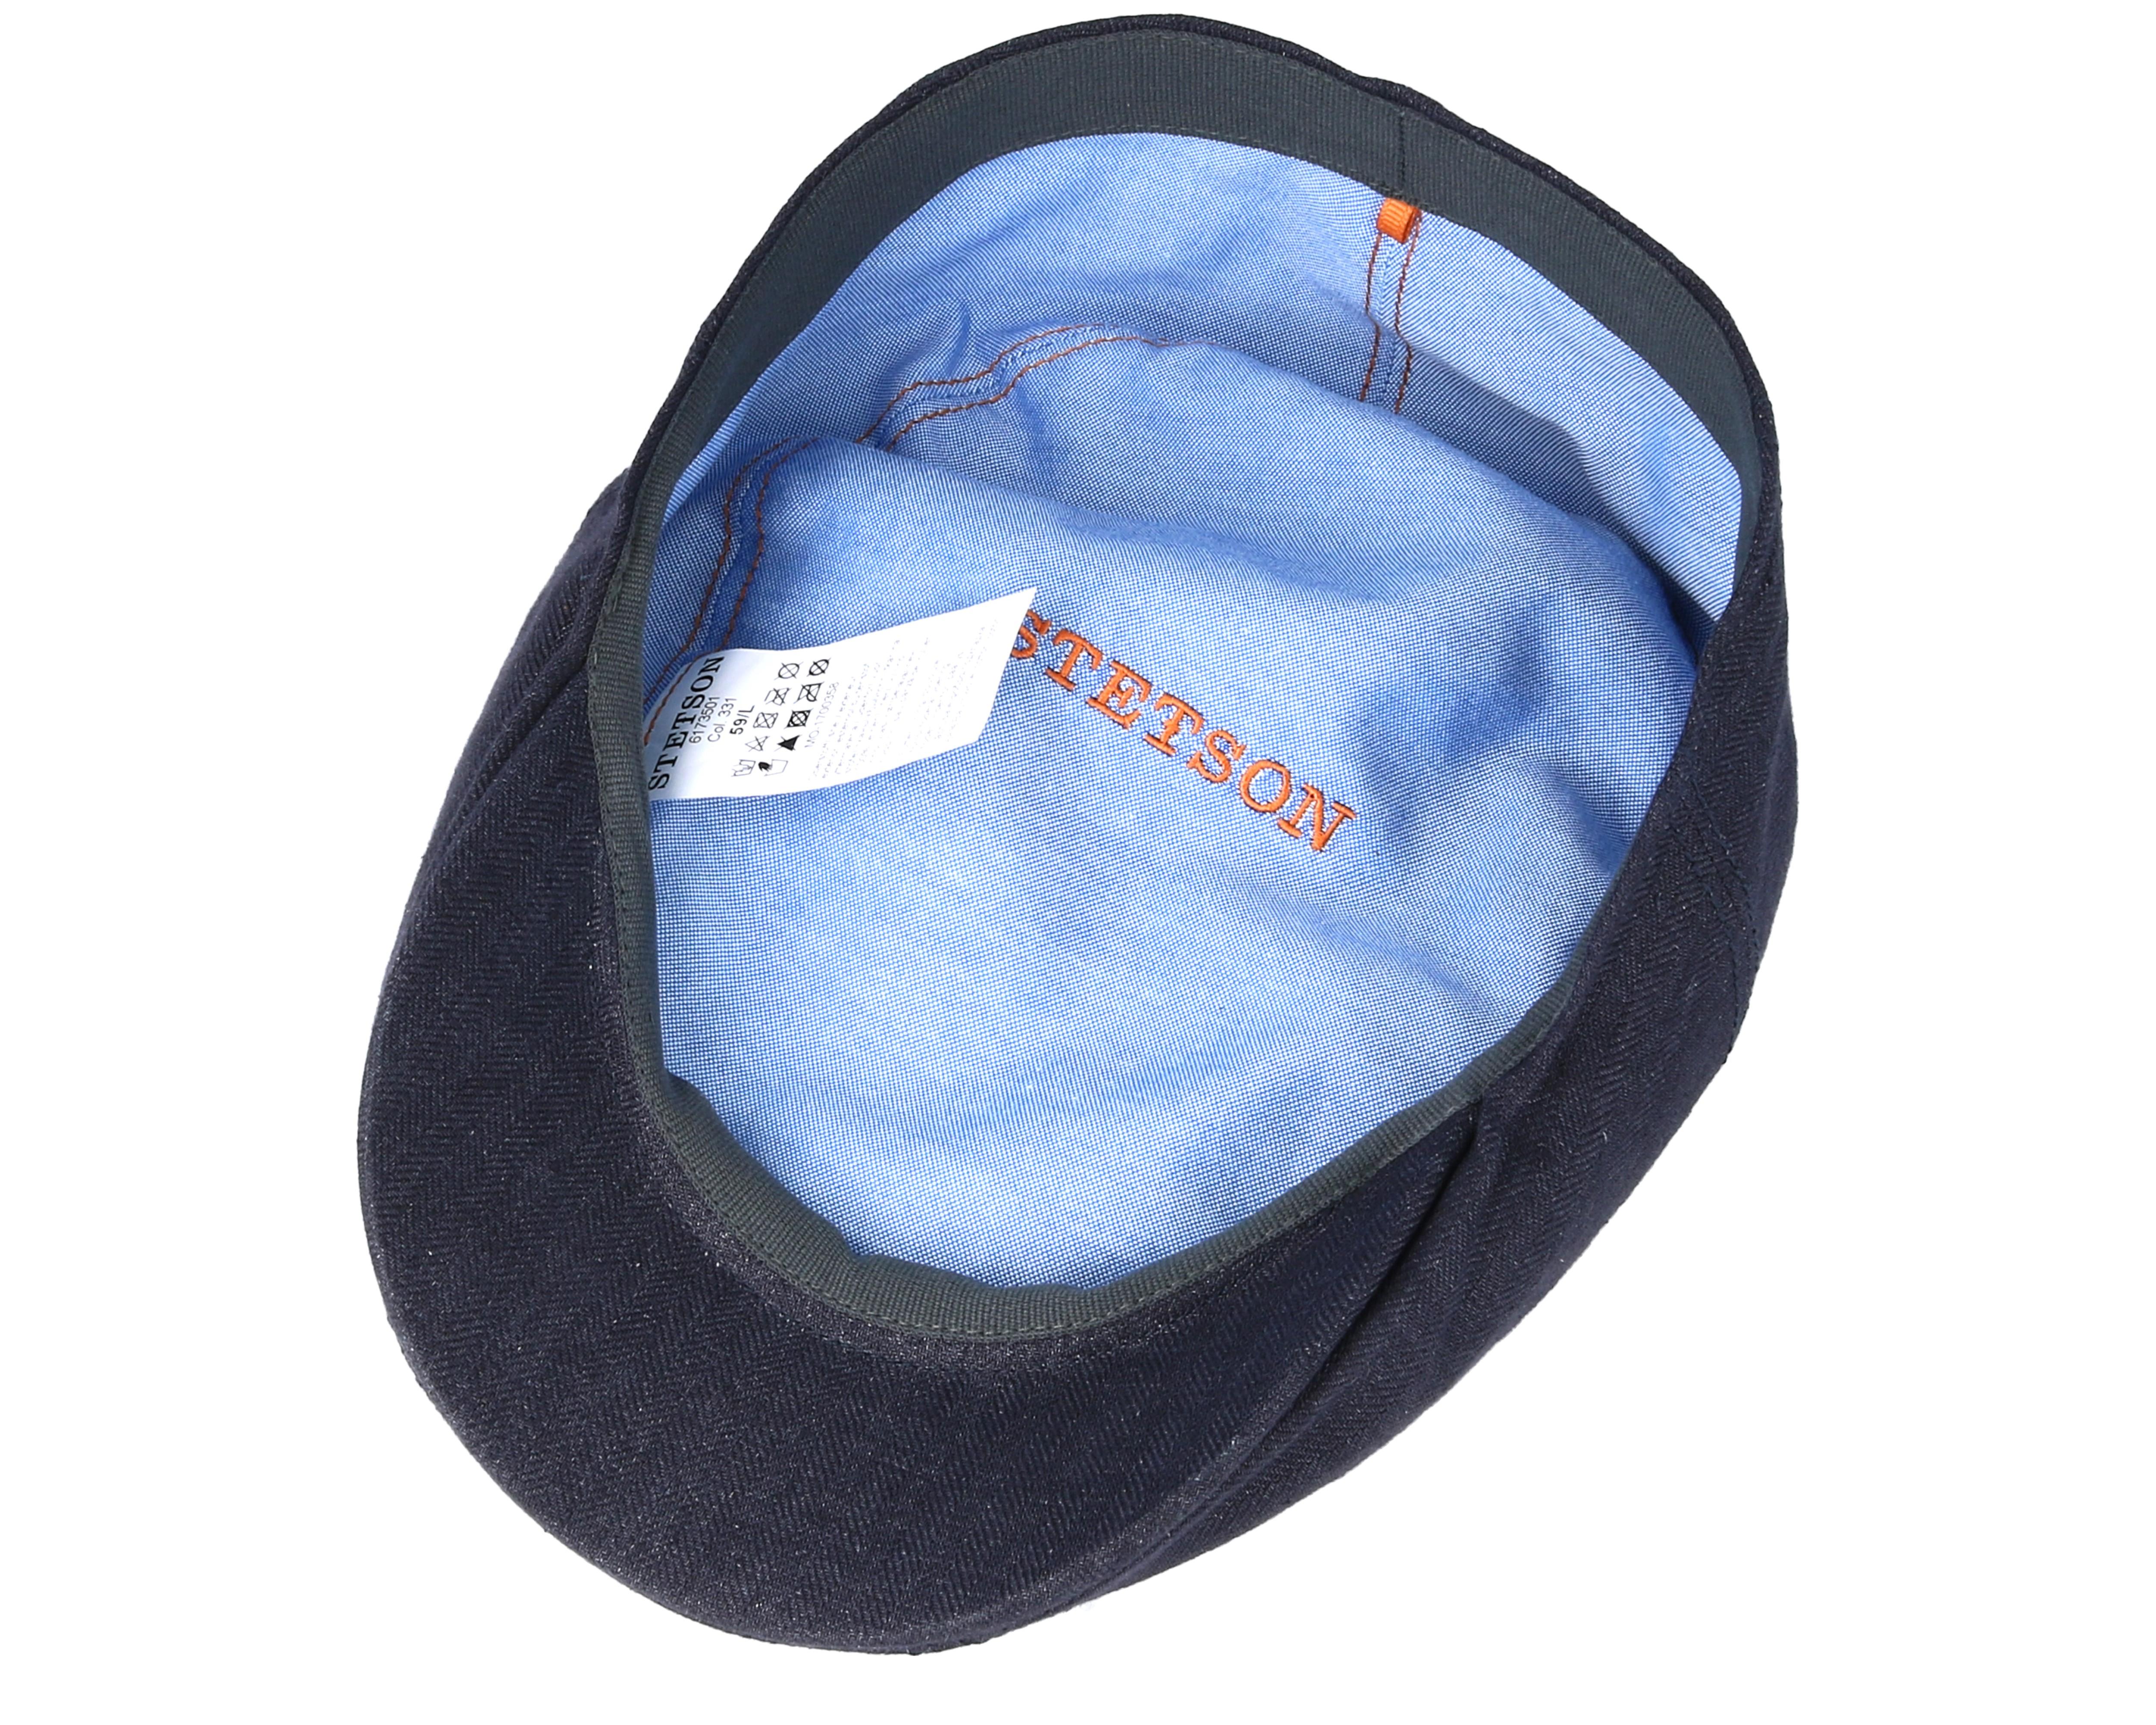 bb21885b7e8 Product information Ivy Cap Linen Fischgrat Flatcap - Stetson